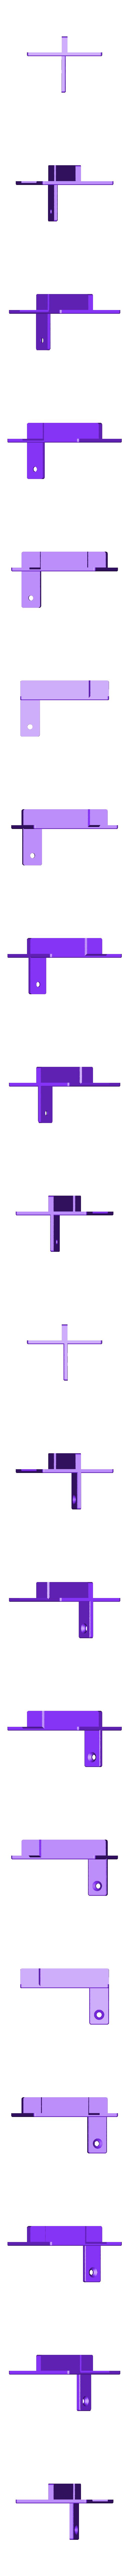 Connector_Corner-step_Left_v2.stl Download free STL file LACK Shelving System • Model to 3D print, HeyVye